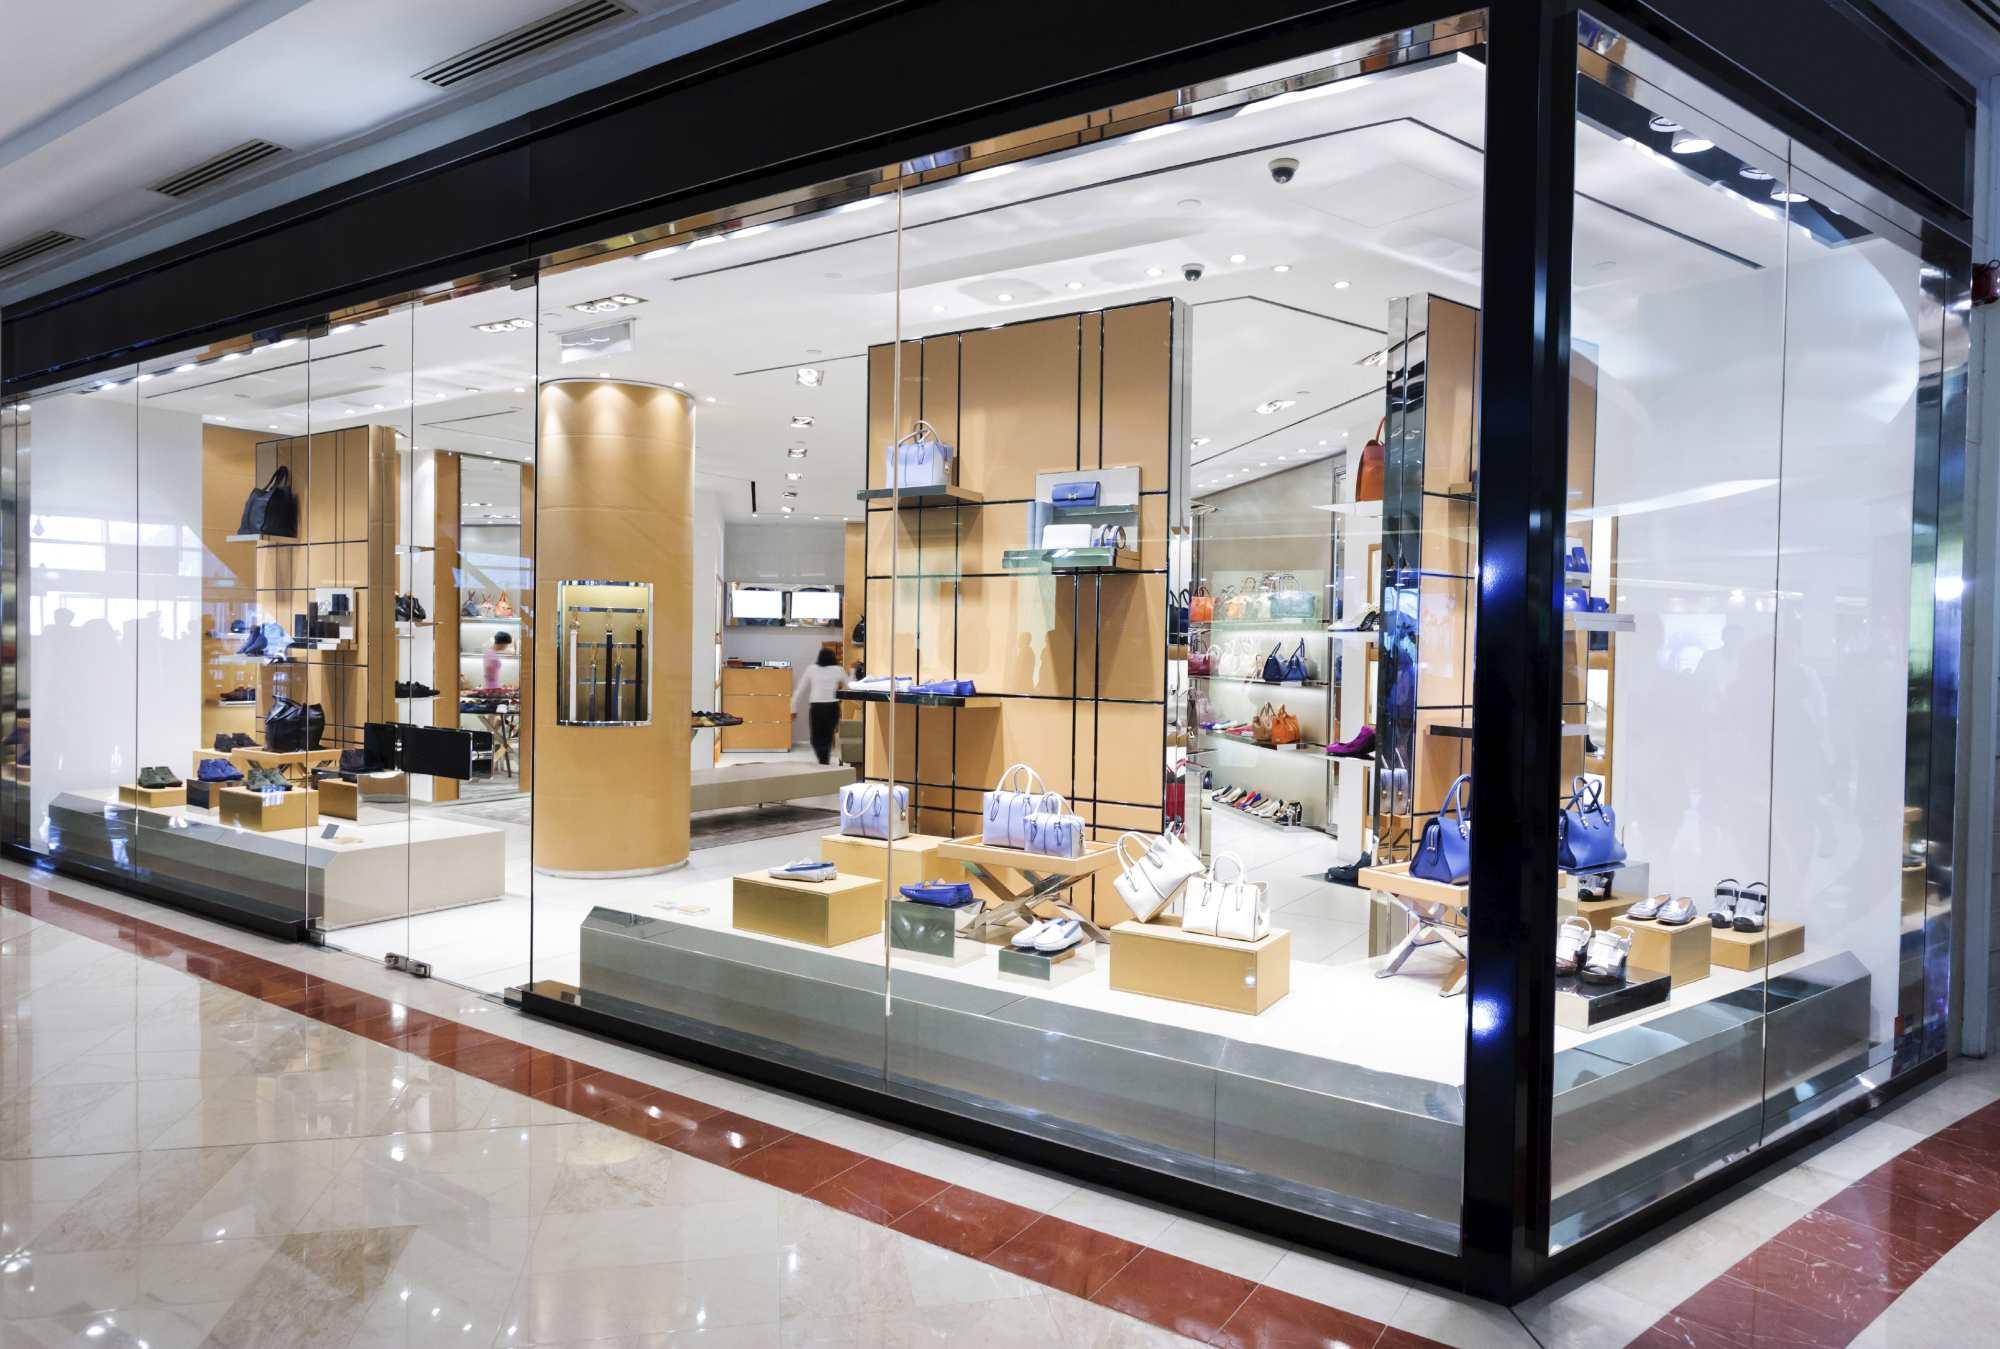 Frameless Storefront